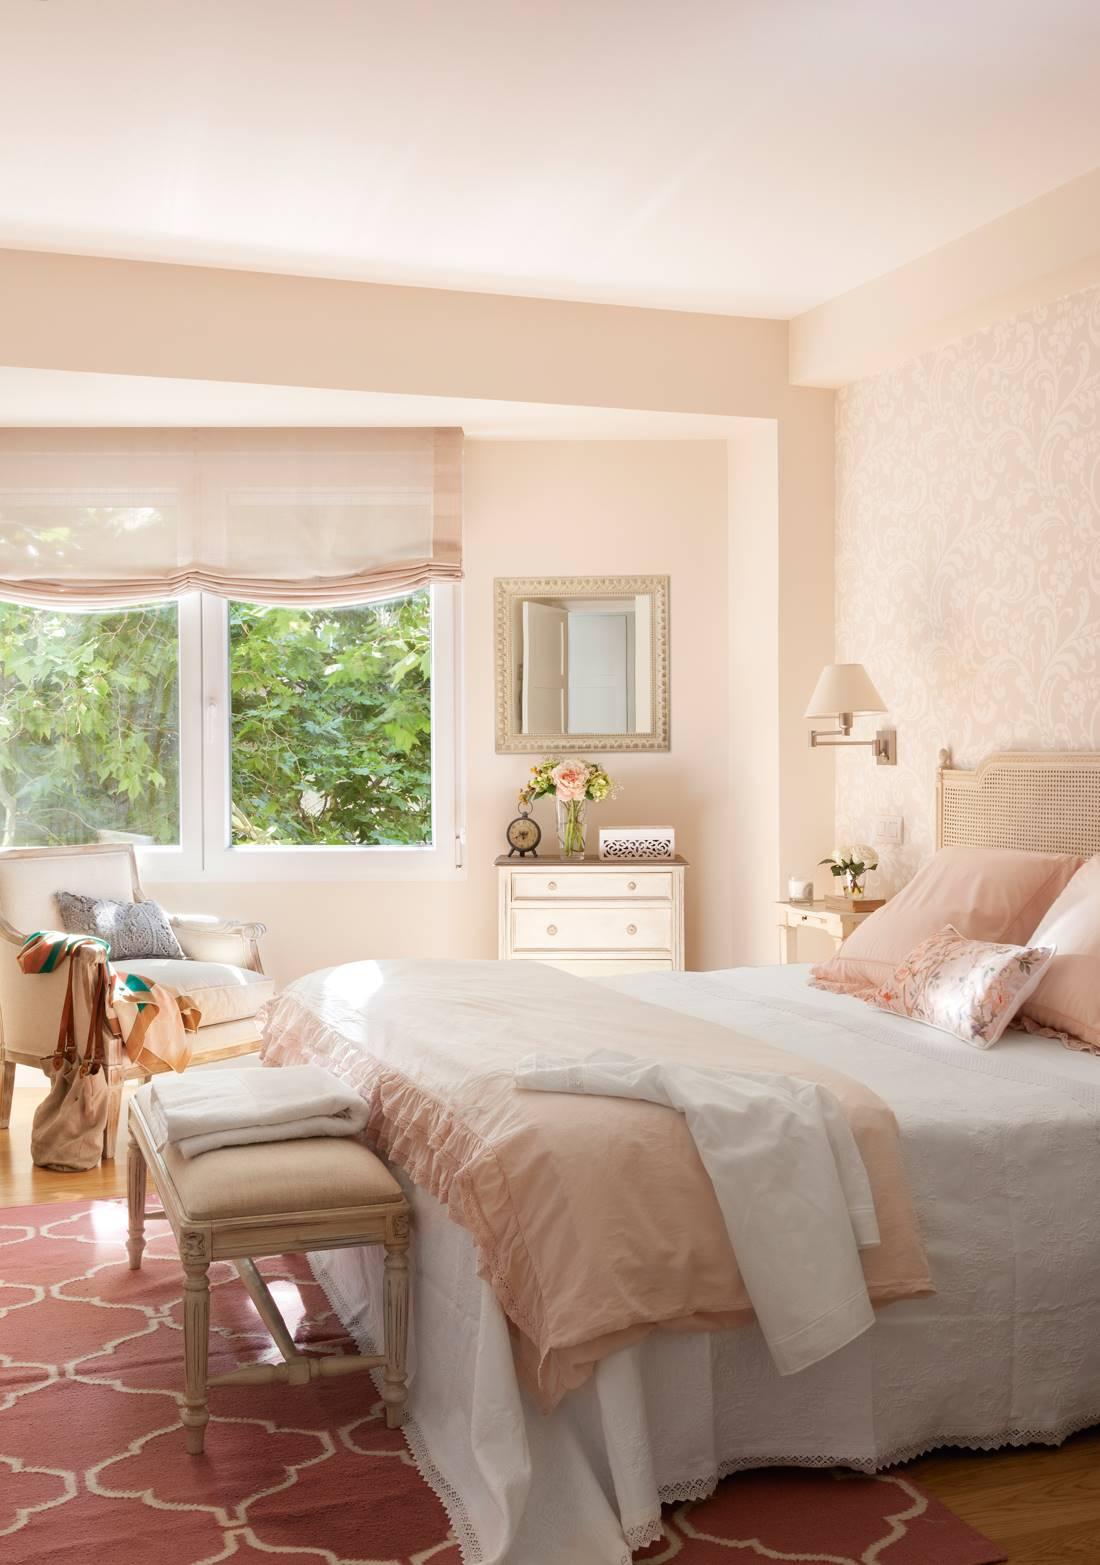 Dormitorio con banqueta pies de la cama y estores con tonos rosa_410500